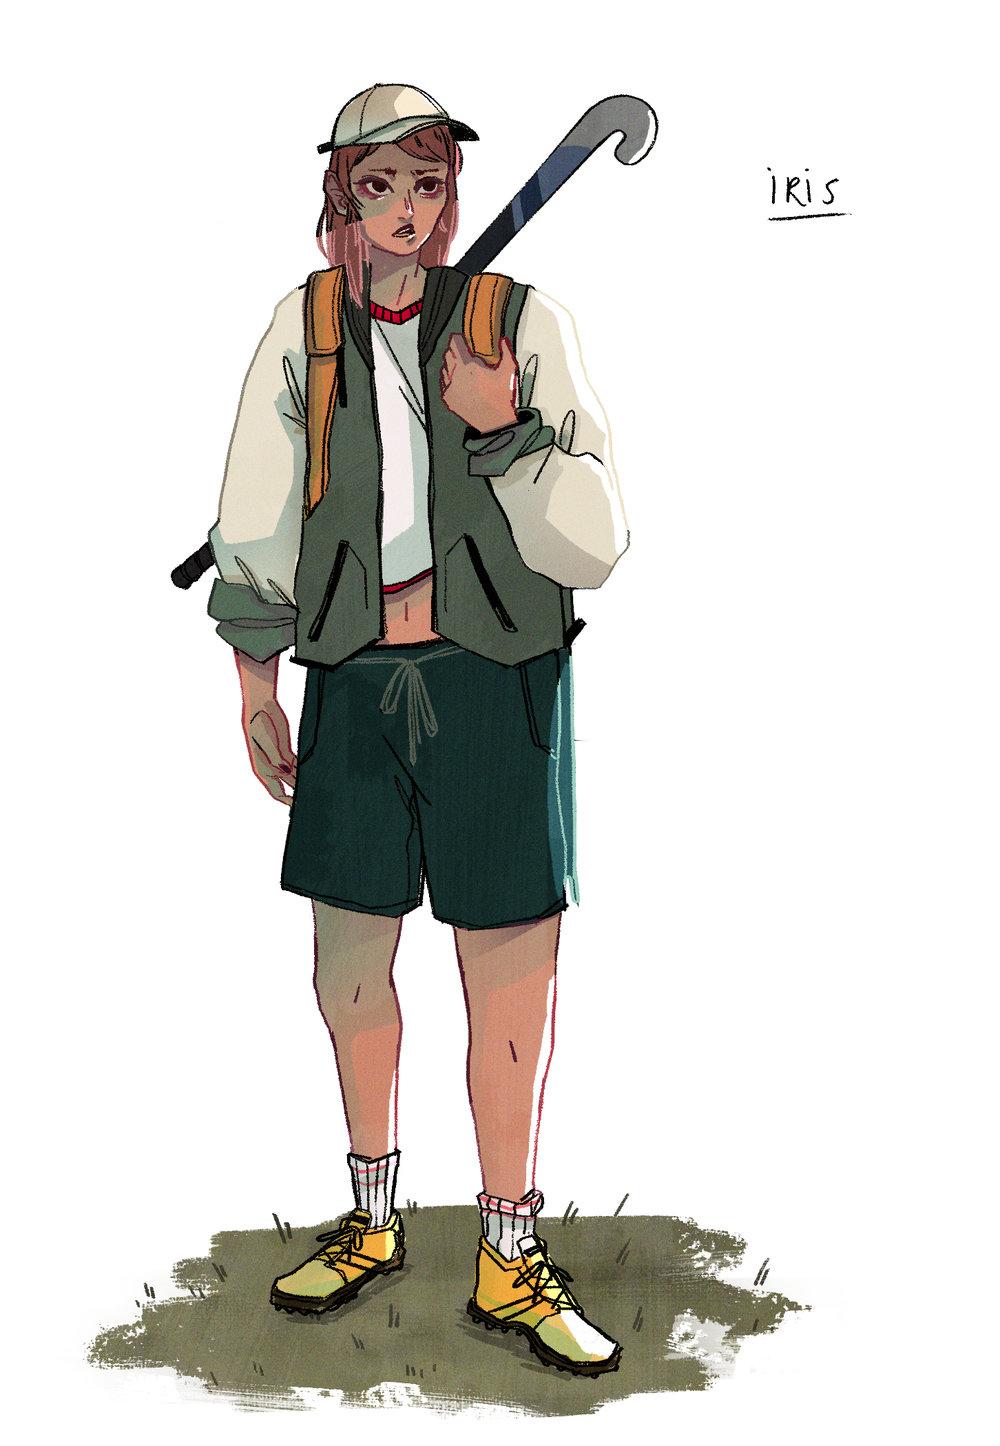 - IRIS Main Character Design